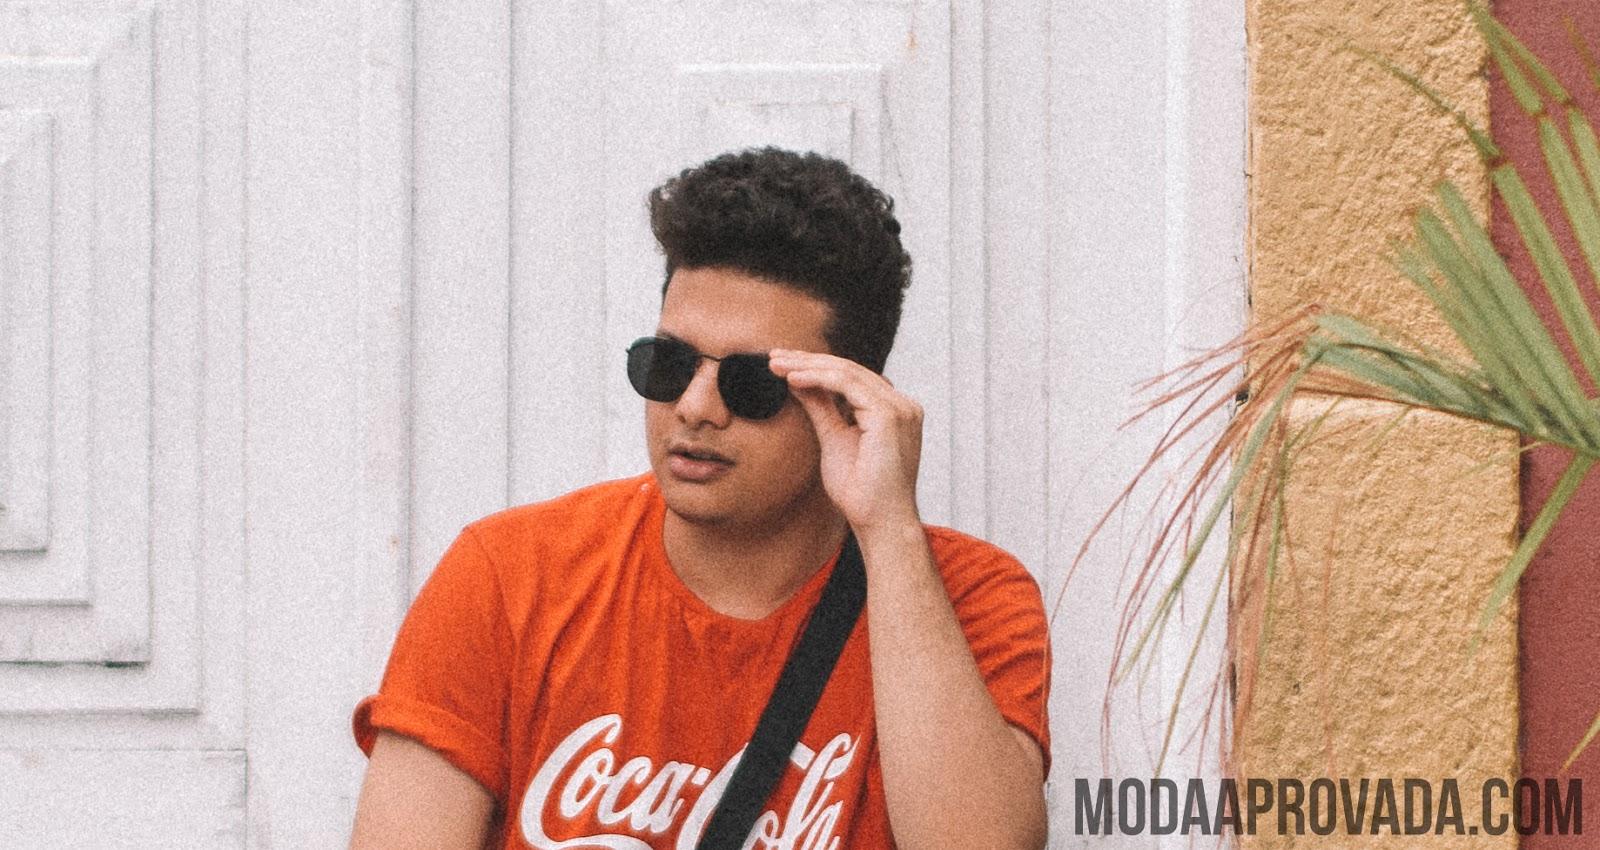 Look Masculino com Pochete, Sandalia de Couro, Camiseta Vermelha, Óculos de Sol